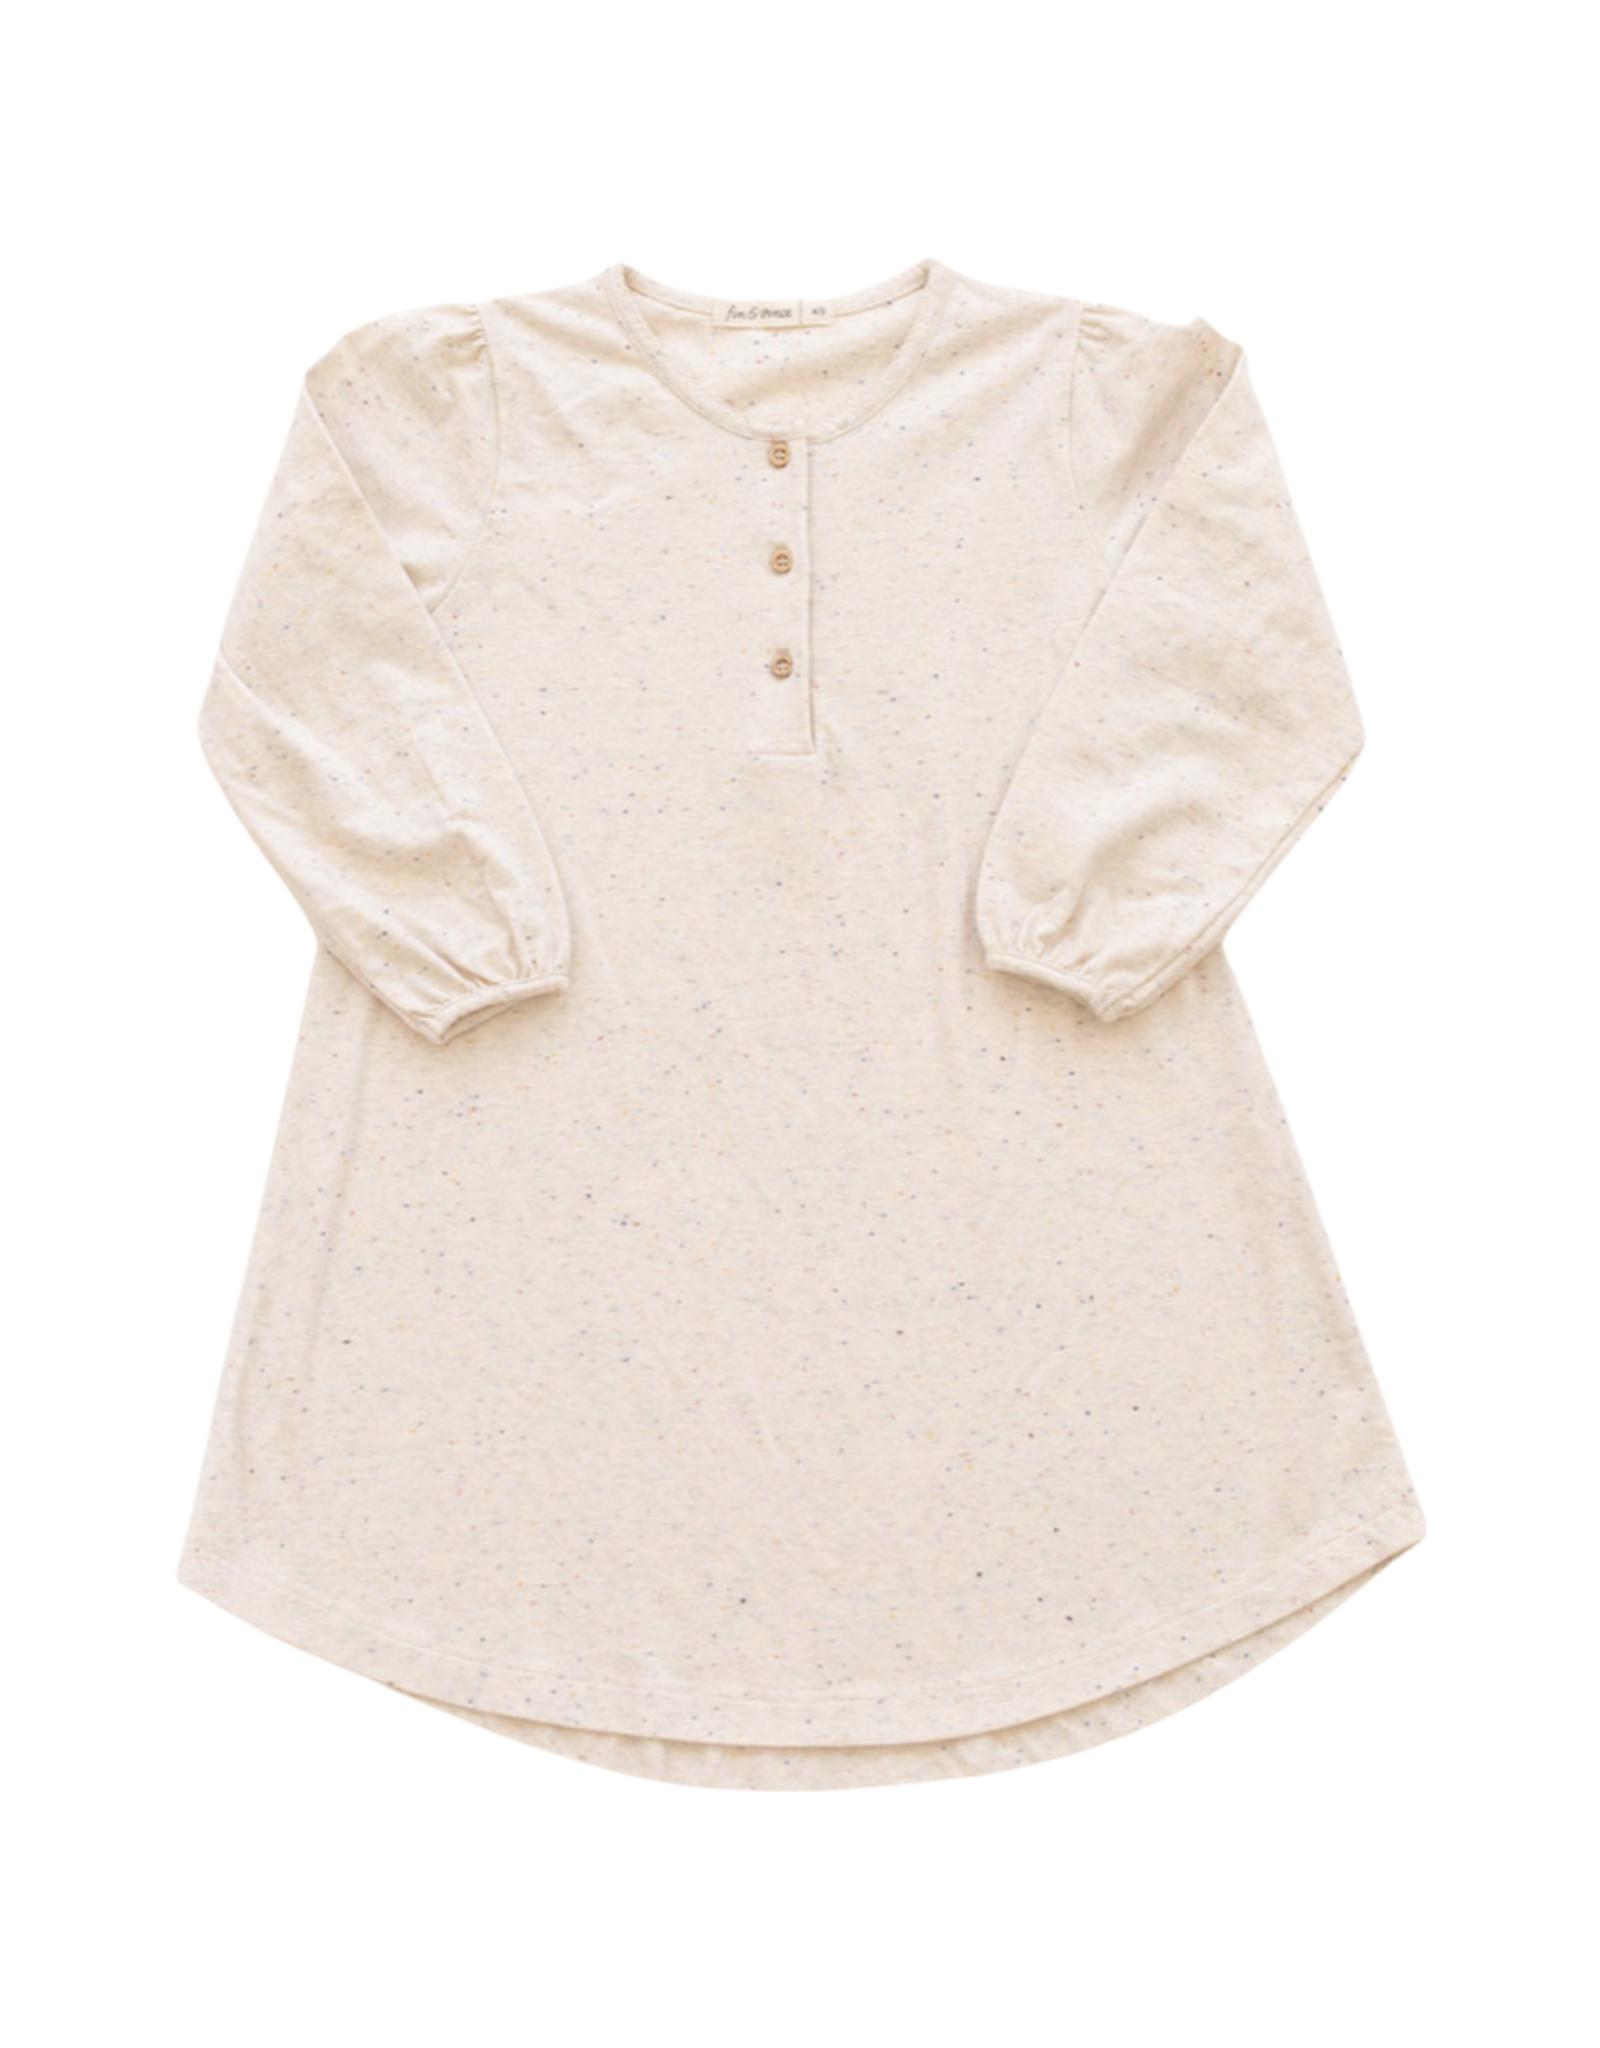 Fin & Vince Confetti Casual Dress